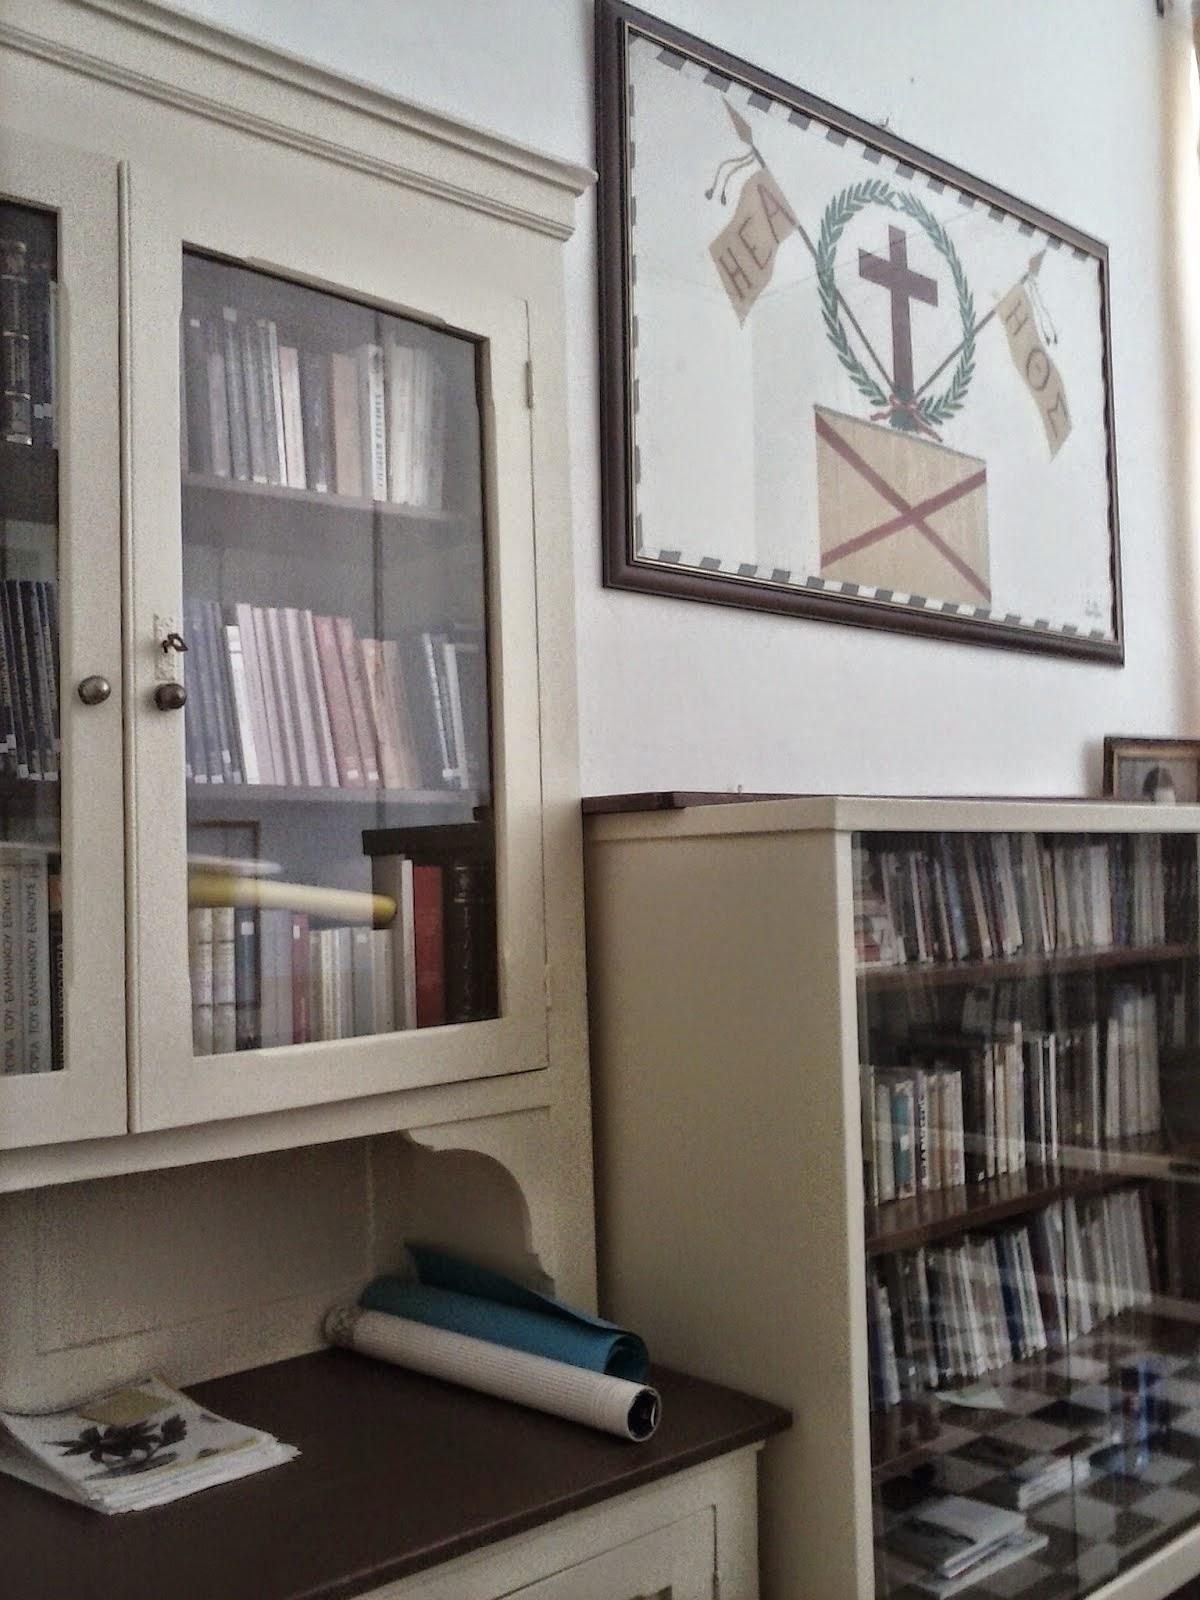 Η βιβλιοθηκη μας